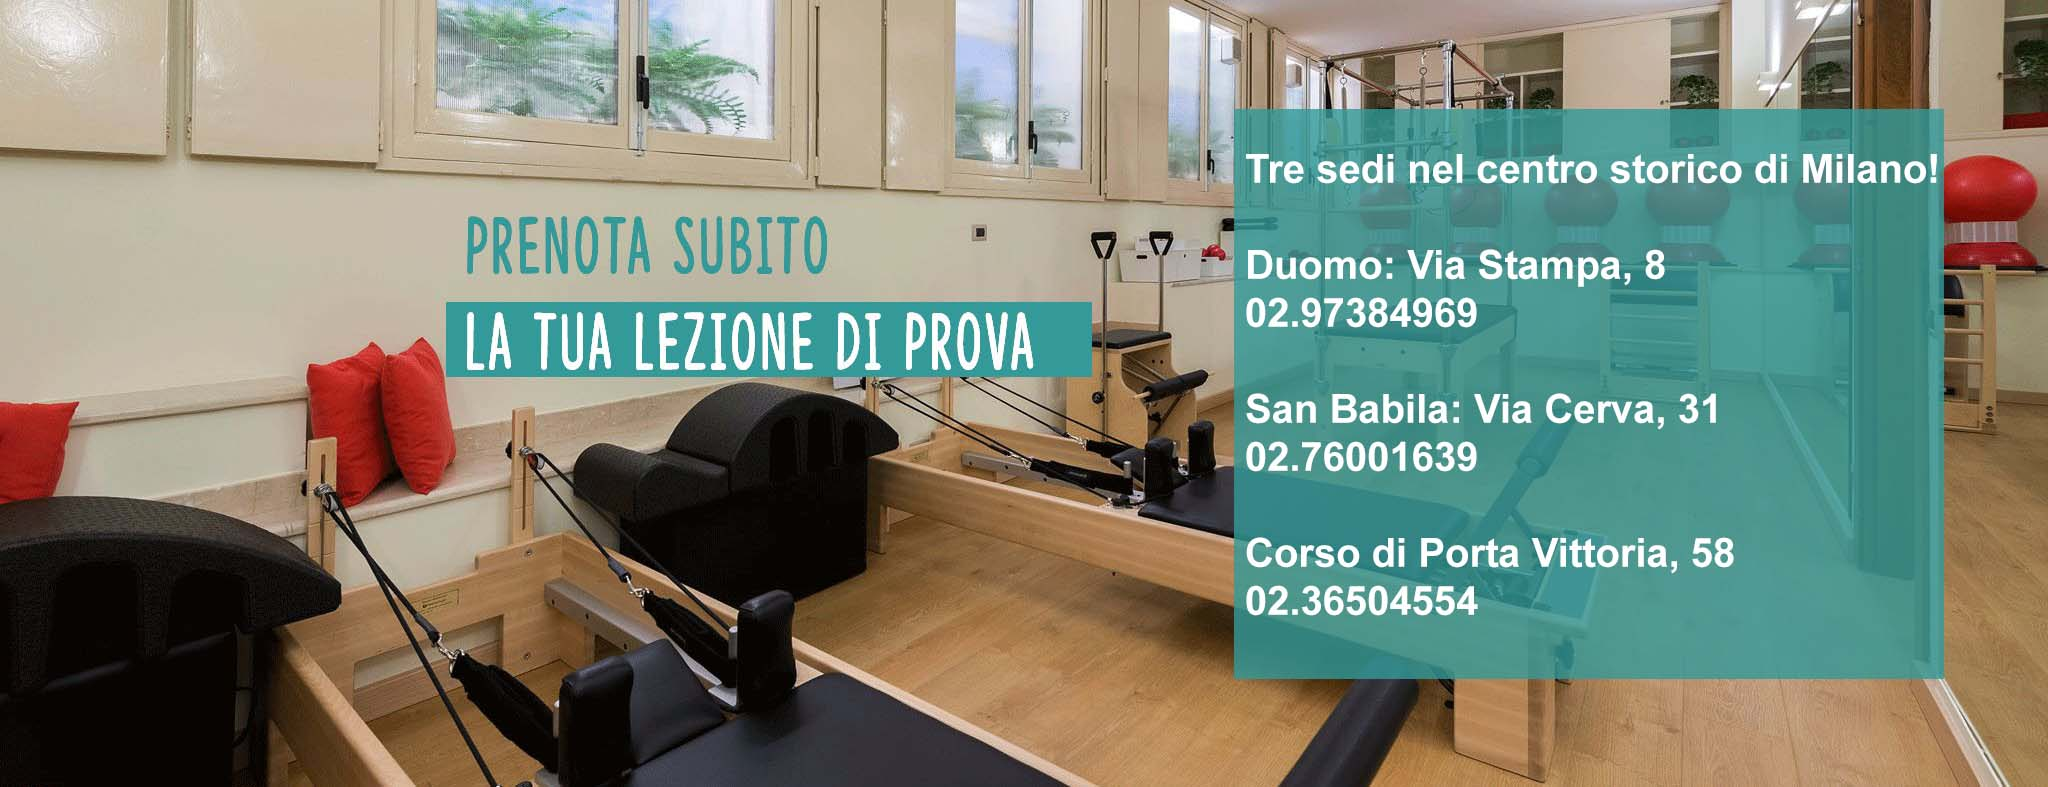 Personal Trainer Pilates Quartiere Maggiolina Milano - Prenota subito la tua lezione di prova